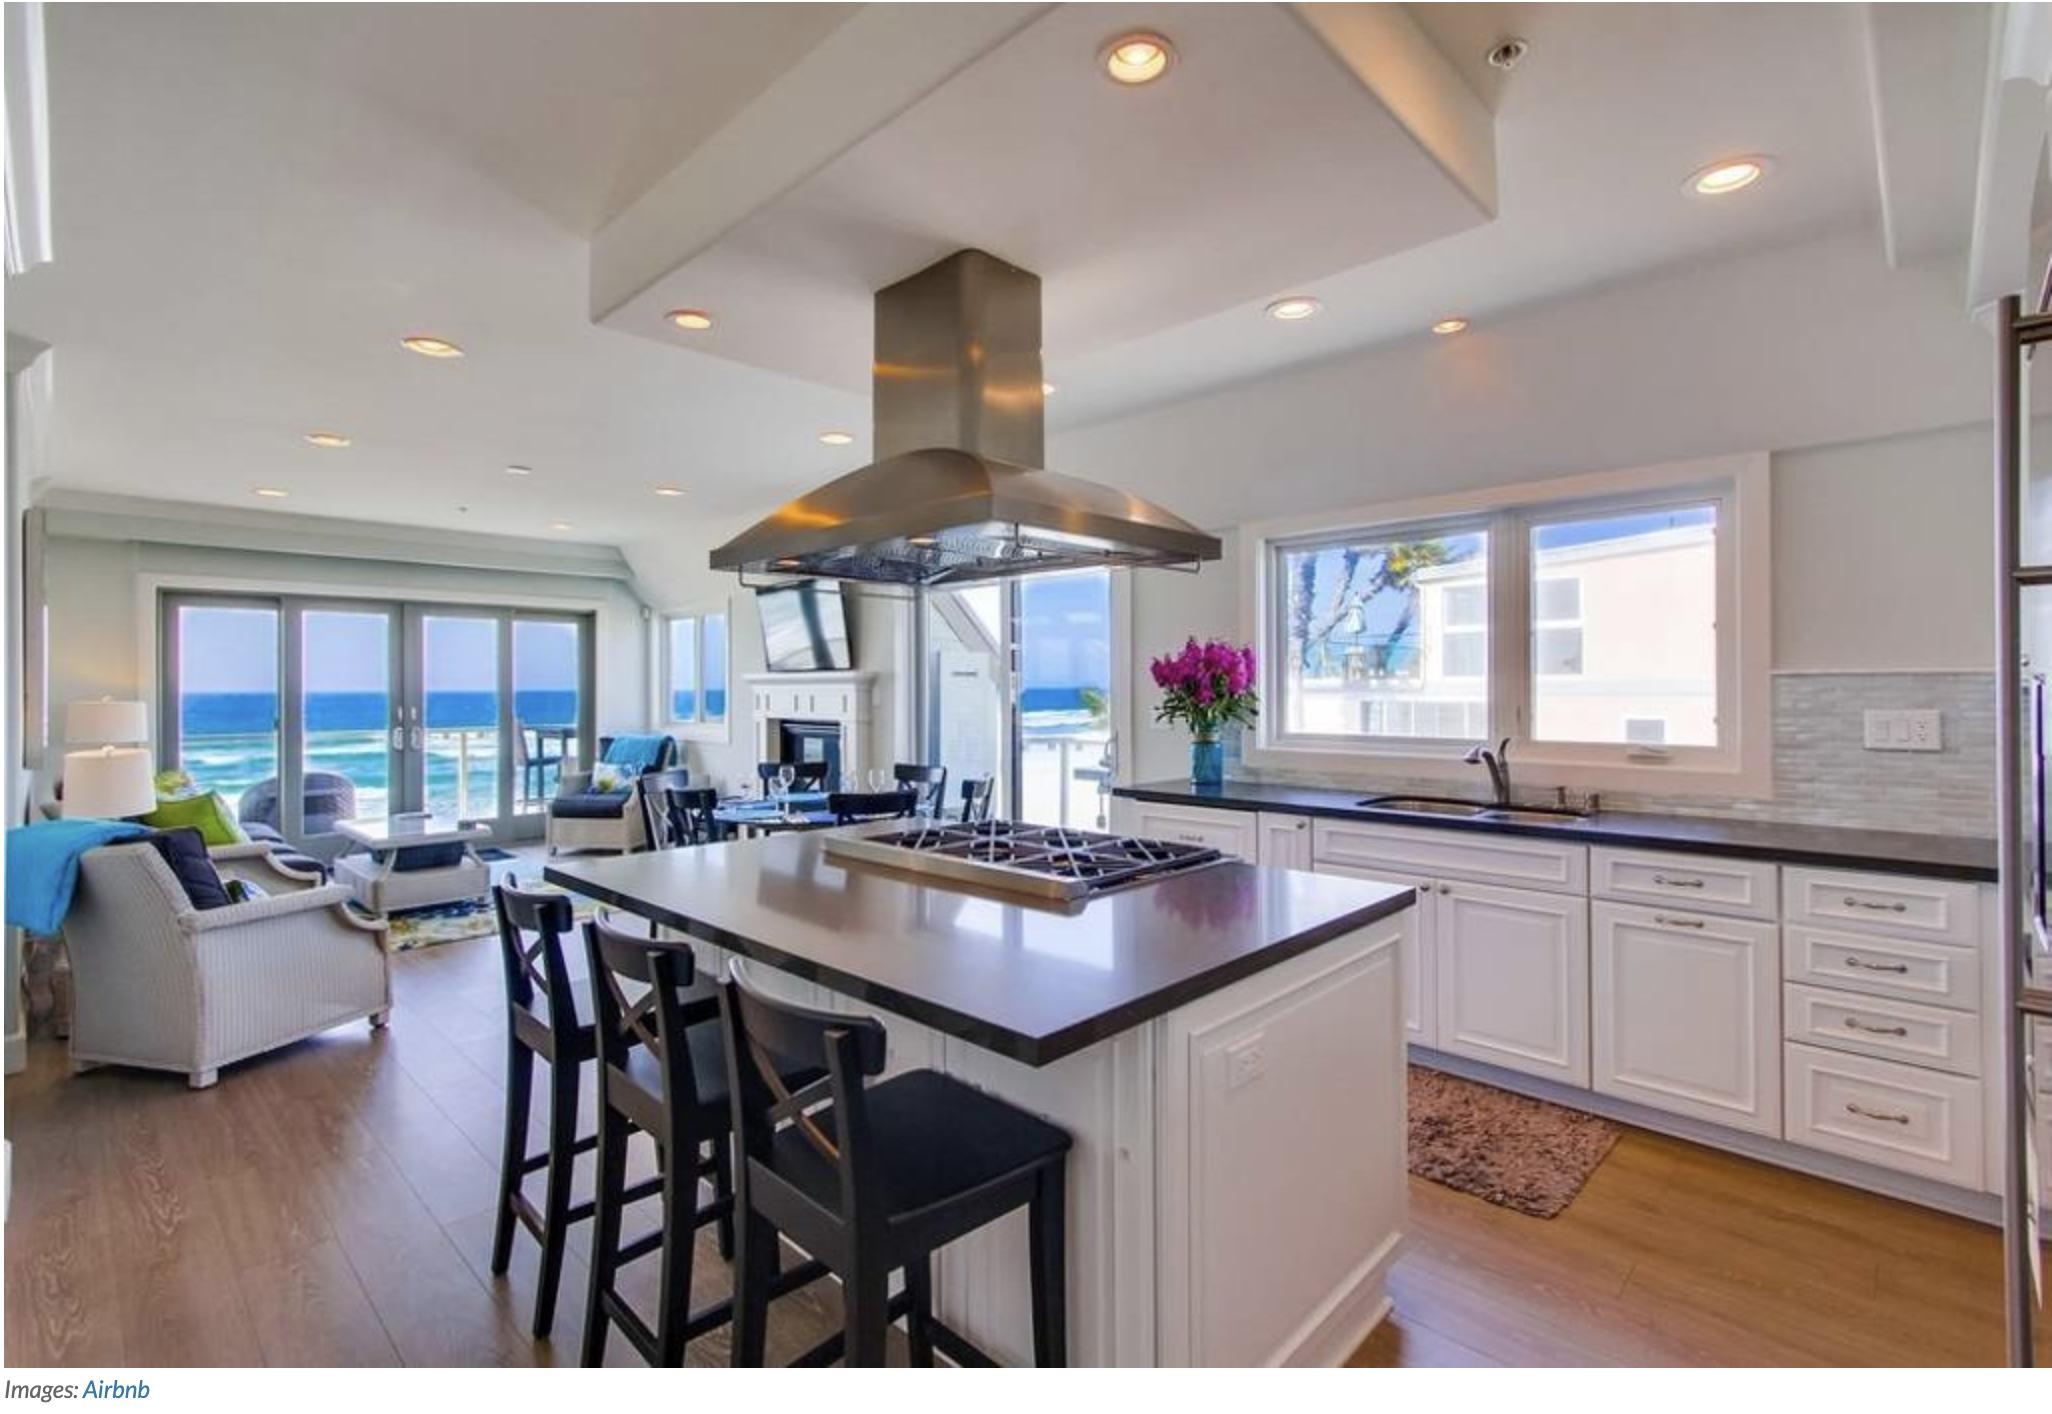 Best luxury airbnb kitchen in San Diego